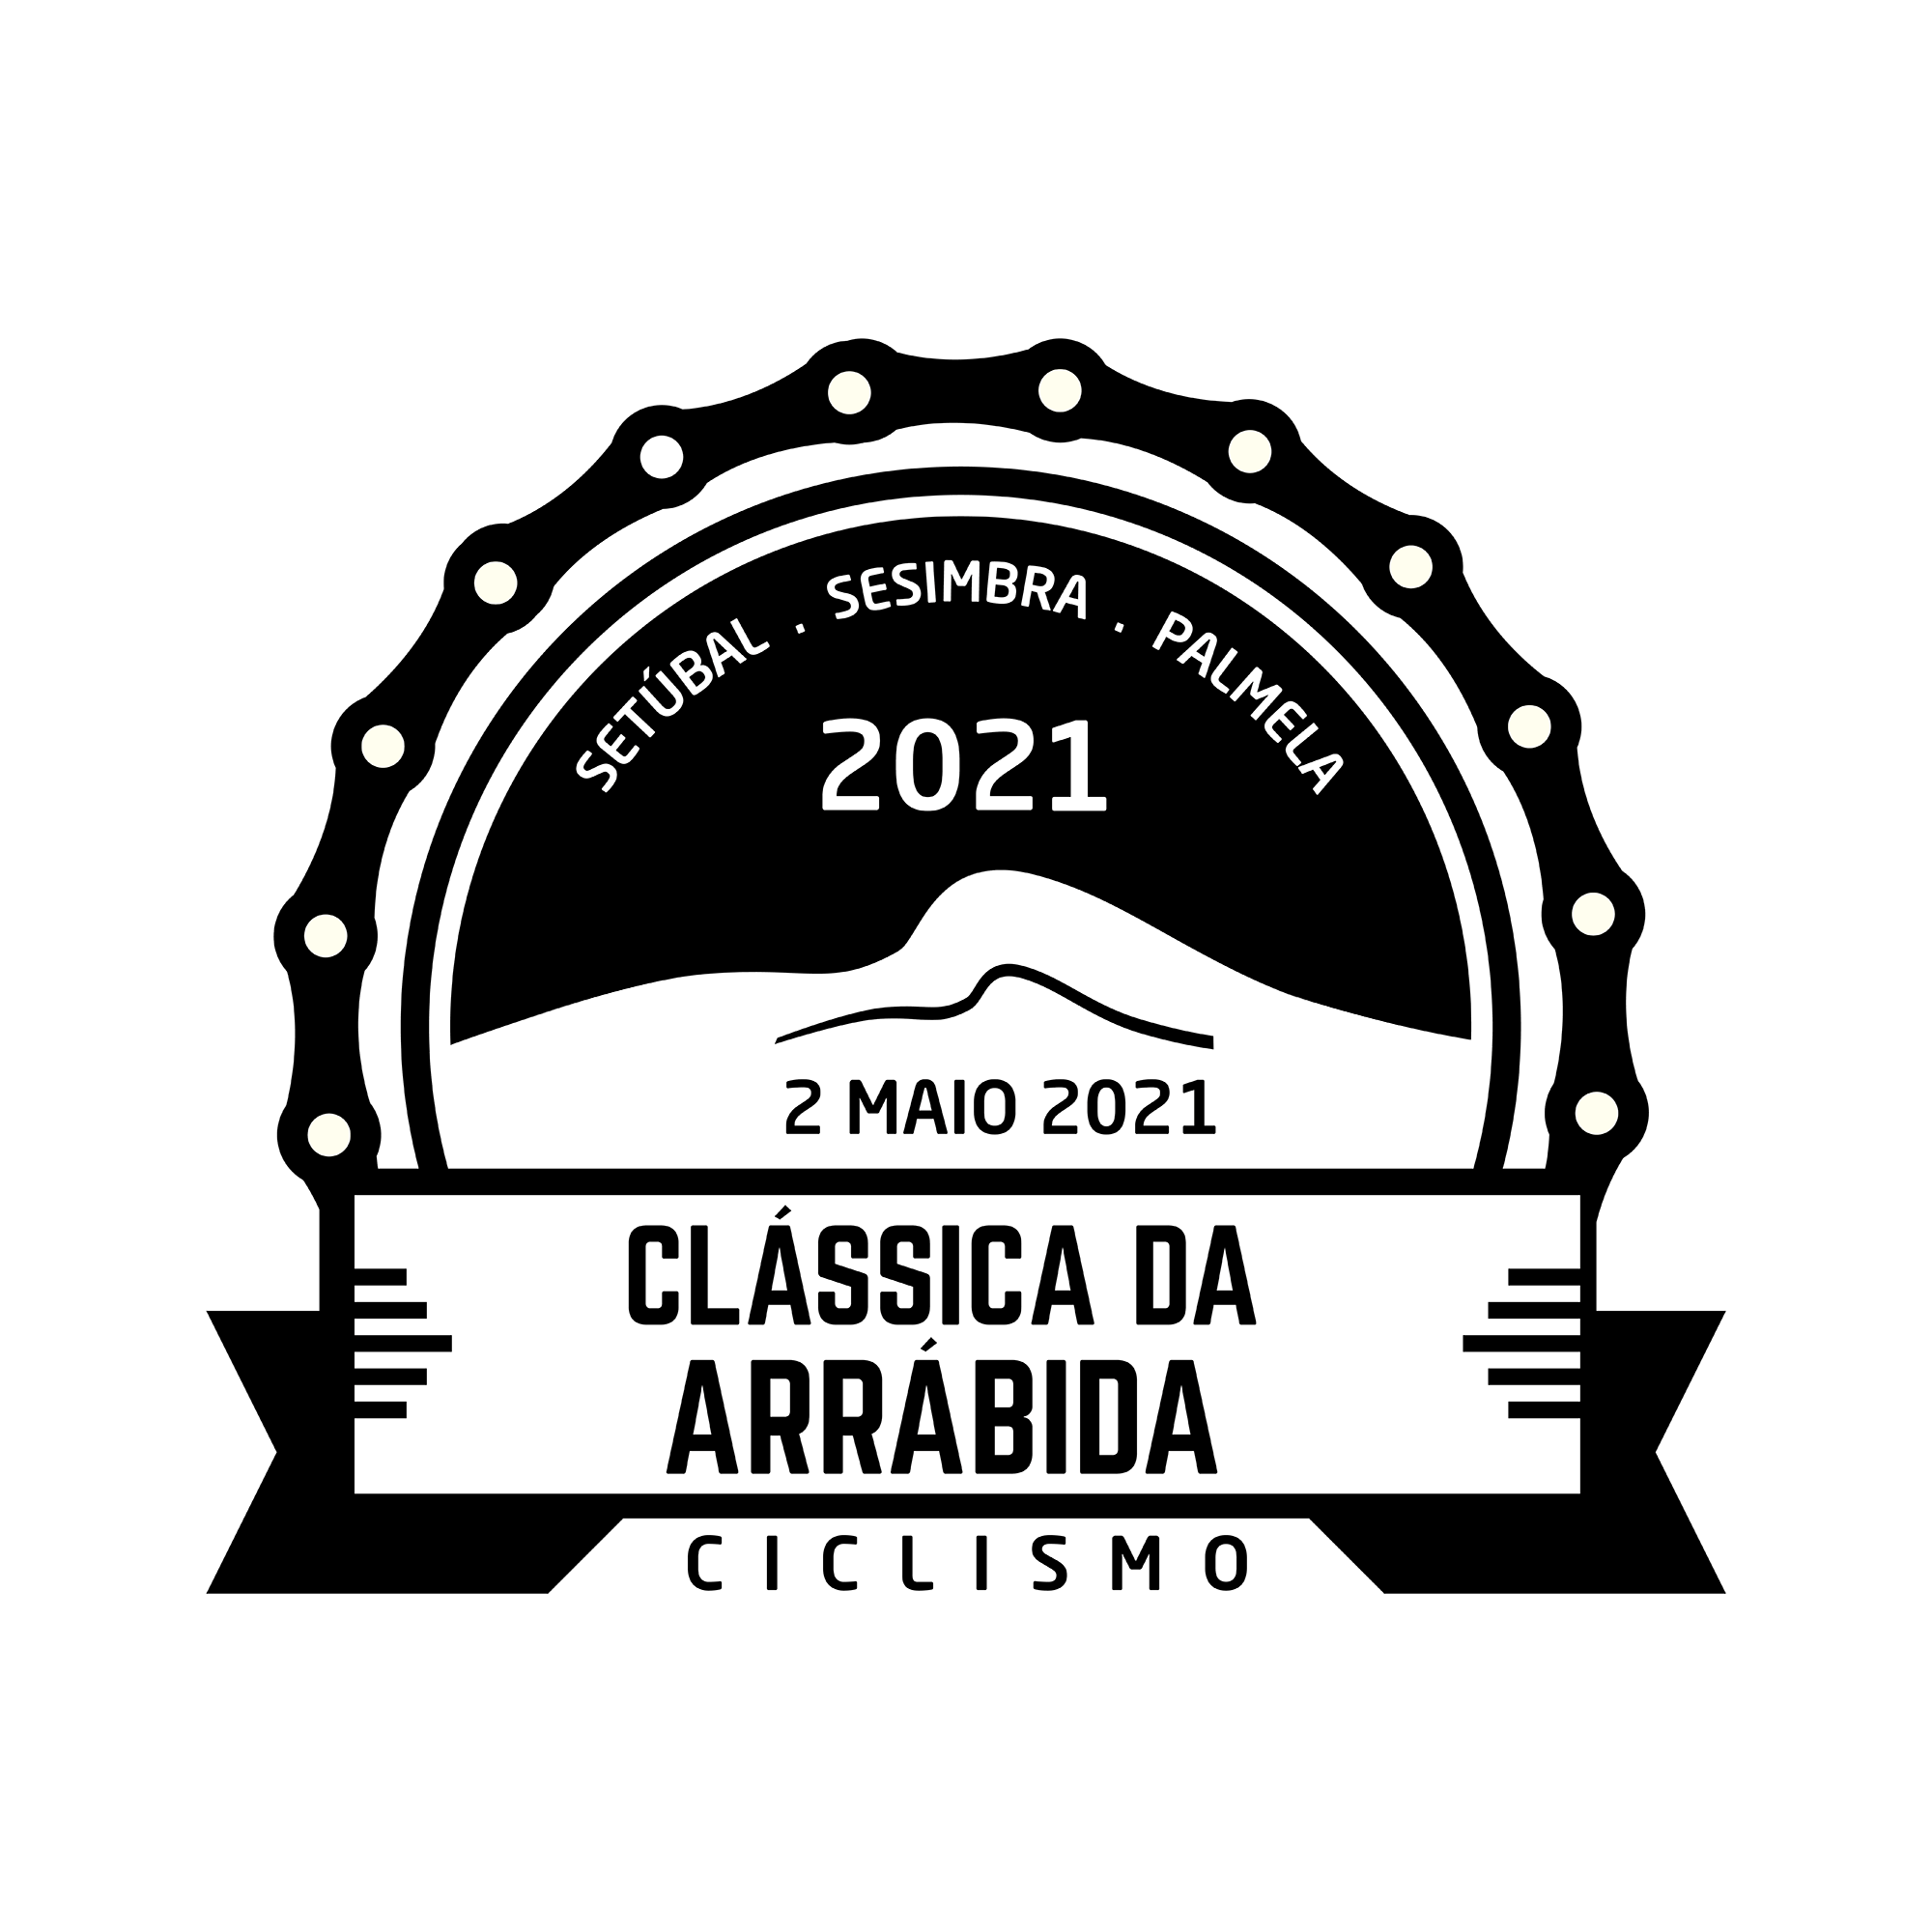 Classica da Arrabida